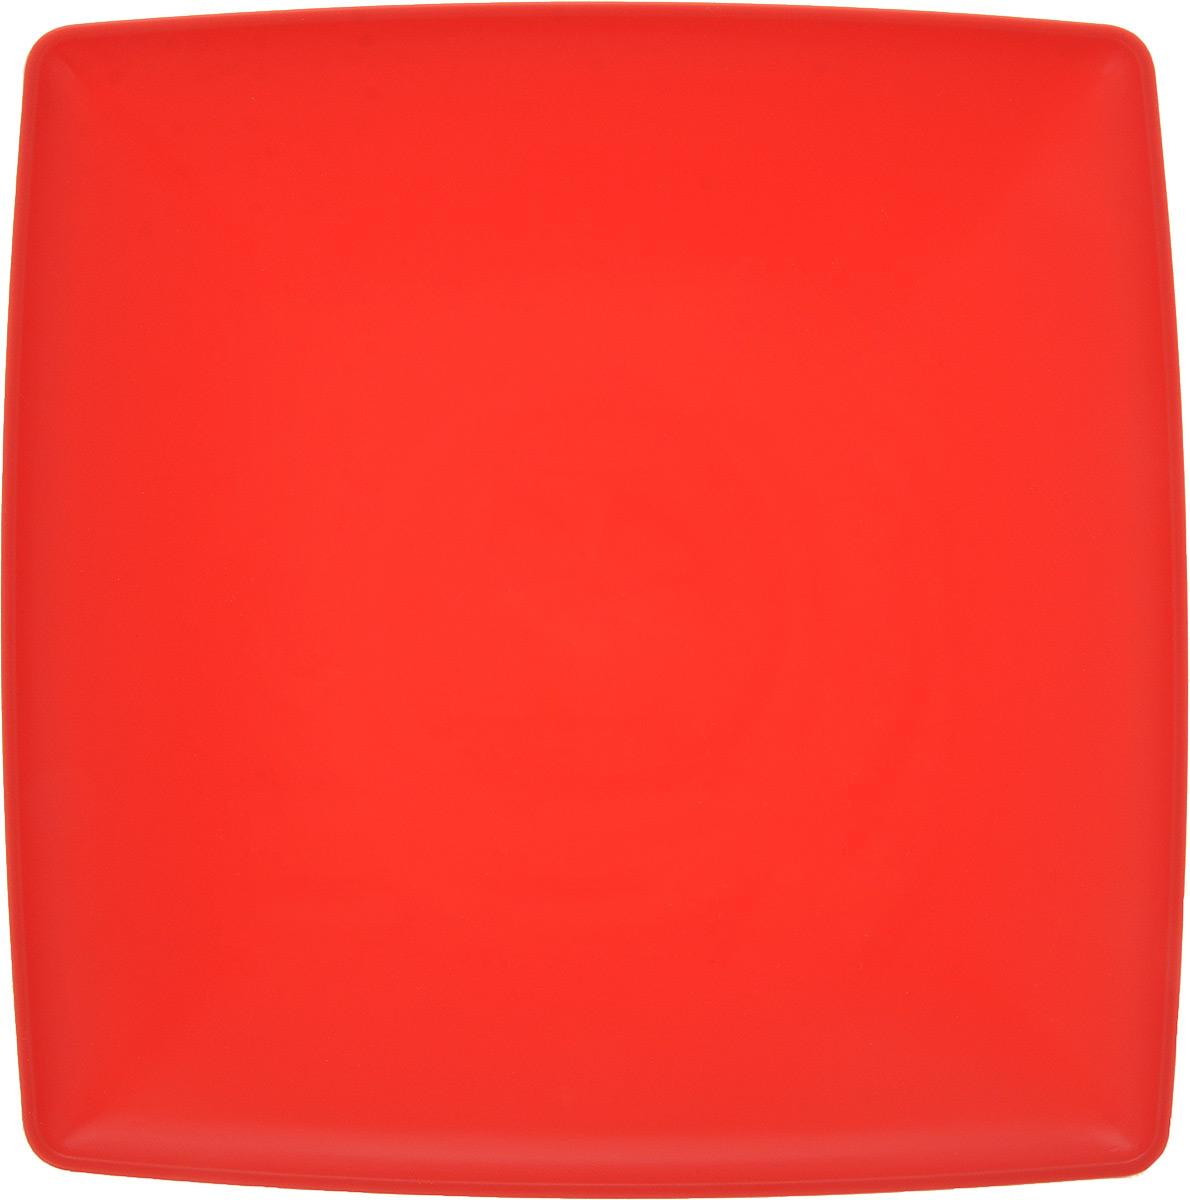 Тарелка Gotoff, цвет: красный, 19 х 19 смFS-91909Квадратная тарелка Gotoff выполнена из прочного пищевого полипропилена. Изделие отлично подойдет как для холодных, так и для горячих блюд. Его удобно использовать дома или на даче, брать с собой на пикники и в поездки. Отличный вариант для детских праздников. Такая тарелка не разобьется и будет служить вам долгое время.Можно использовать в СВЧ, ставить в морозилку при температуре -25°С и мыть в посудомоечной машине при температуре +95°С.